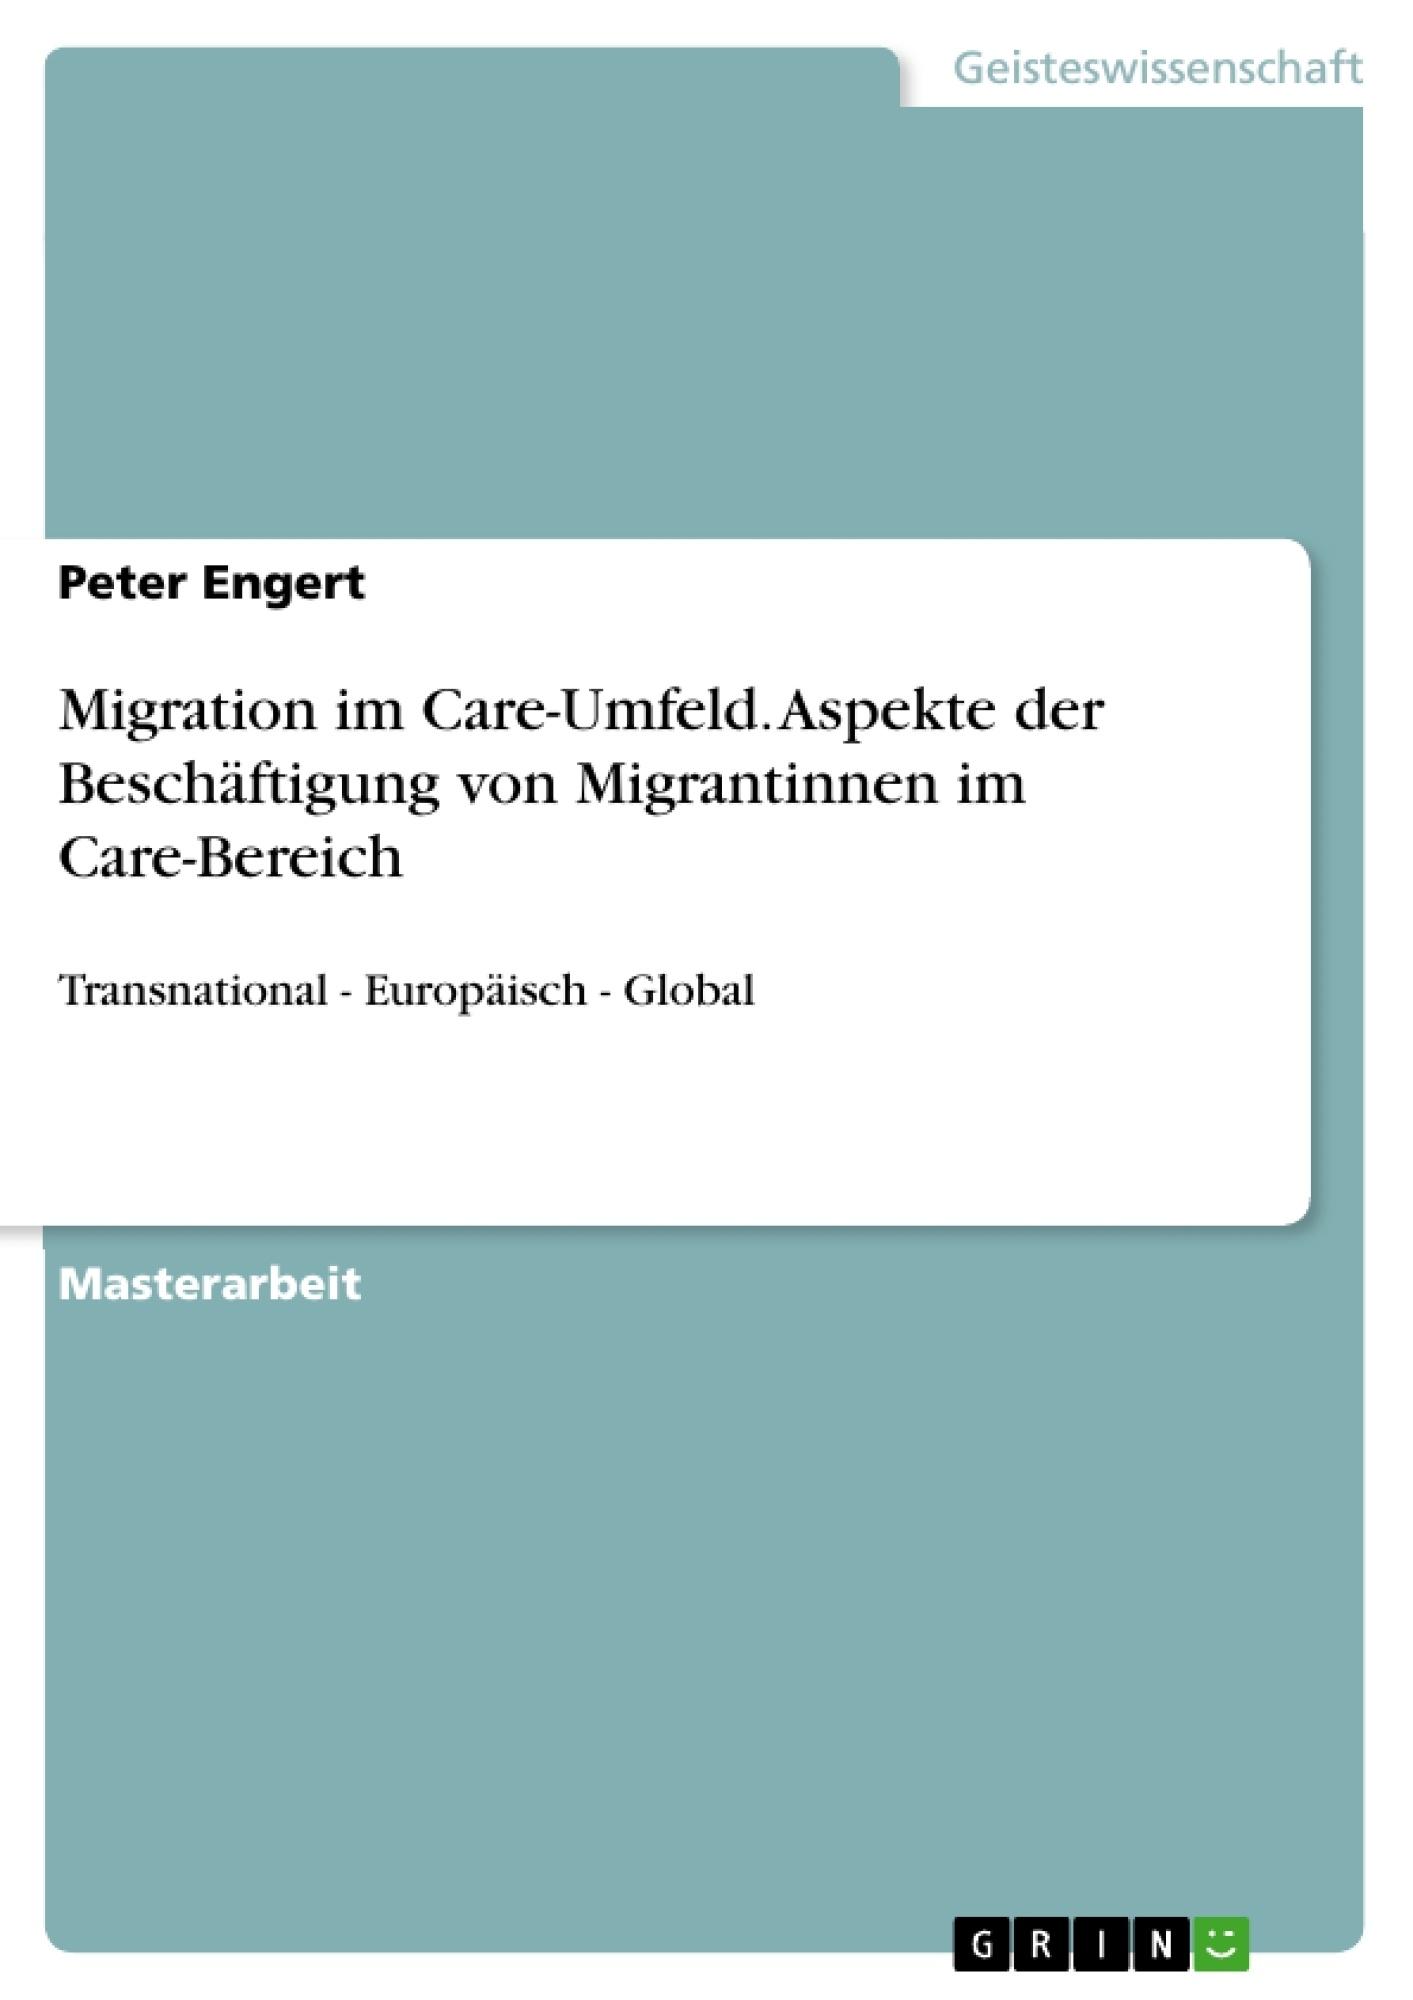 Titel: Migration im Care-Umfeld. Aspekte der Beschäftigung von Migrantinnen im Care-Bereich